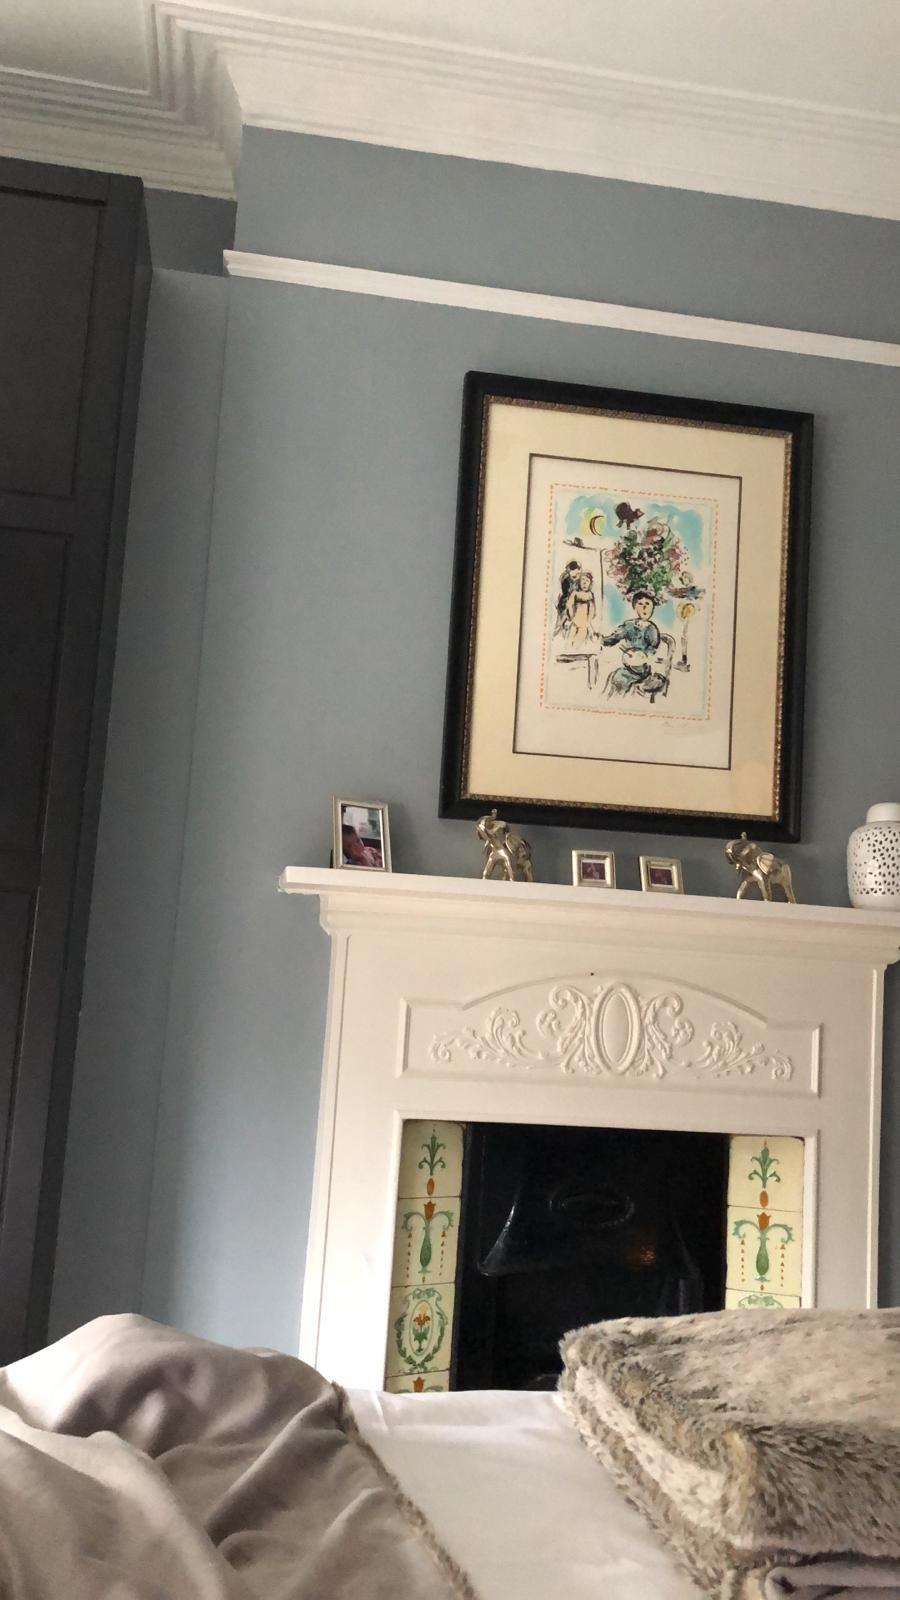 pin by lisa prothon on home in 2019 pinterest living room room rh pinterest com